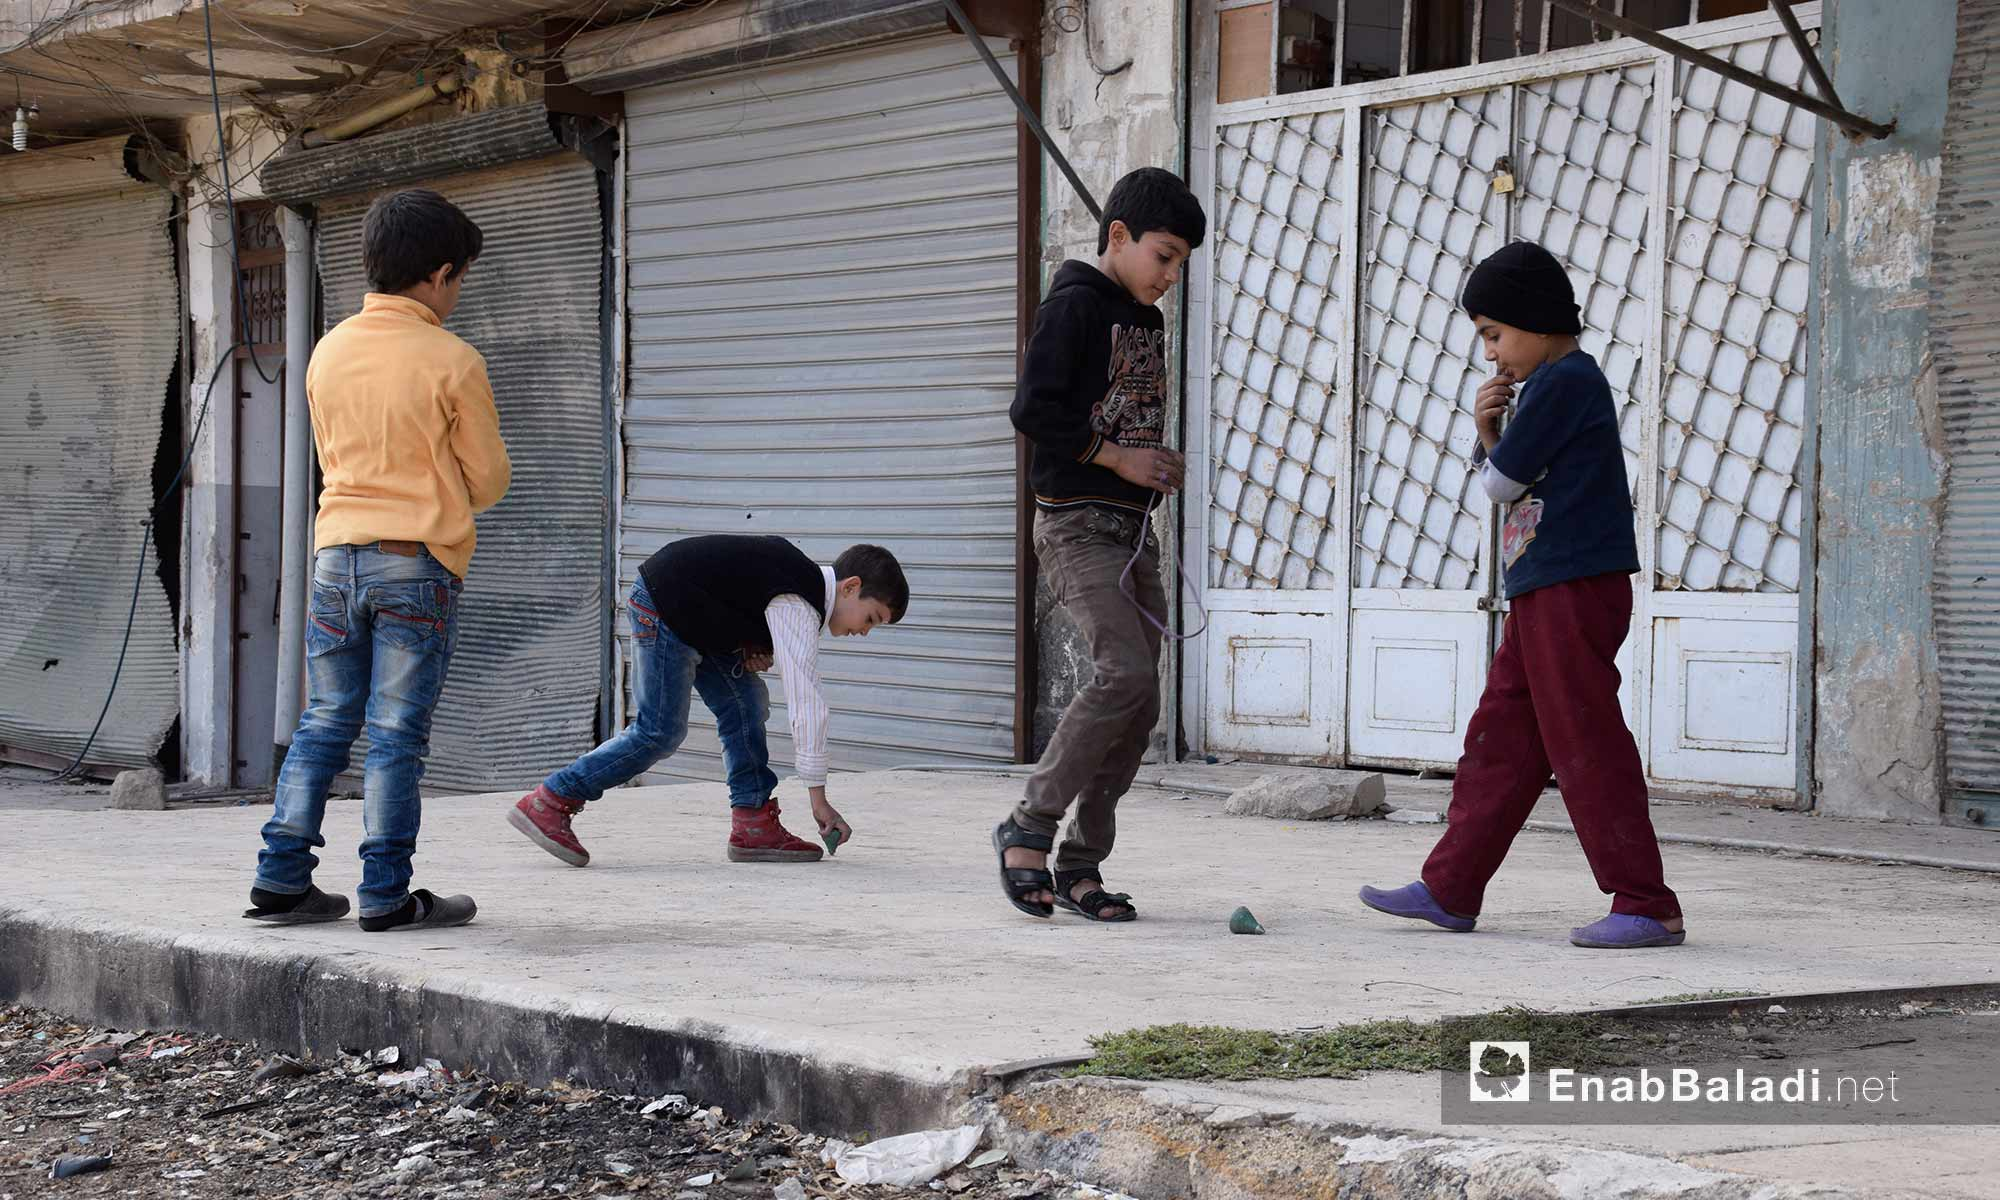 مراسل عنب بلدي في مدينة حلب التقط صورًا للأطفال، الاثنين 21 تشرين الثاني، في حي القاطرجي أثناء تغطيته القصف على الحي، في ذات اليوم الذي أصيب فيه بشظايا استقرت في كتفه، جراء غارة بالصواريخ العنقودية على حي المواصلات.